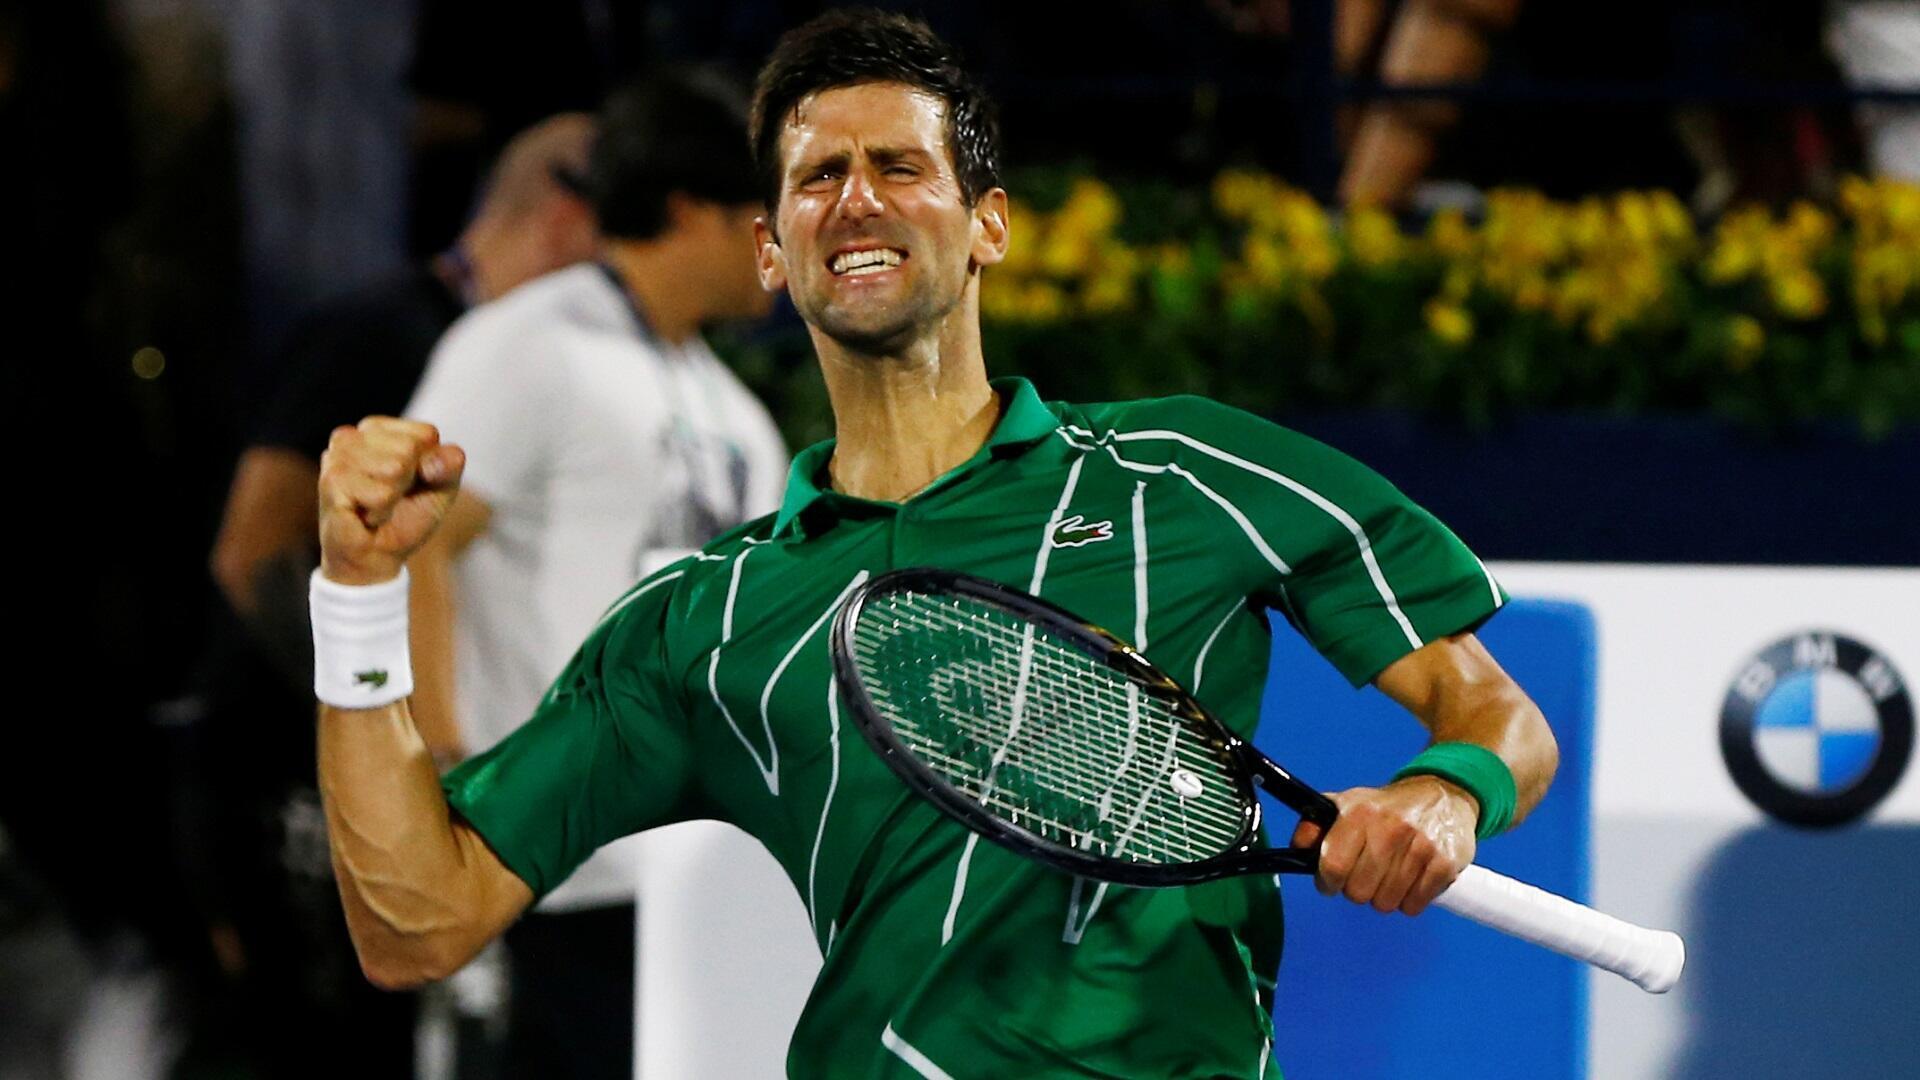 الصربي نوفاك جوكوفيتش متصدر الترتيب الدولي للاعبي التنس المحترفين يحتفل بفوزه في المباراة النهائية لبطولة دبي، 29 فبراير/شباط 2020.